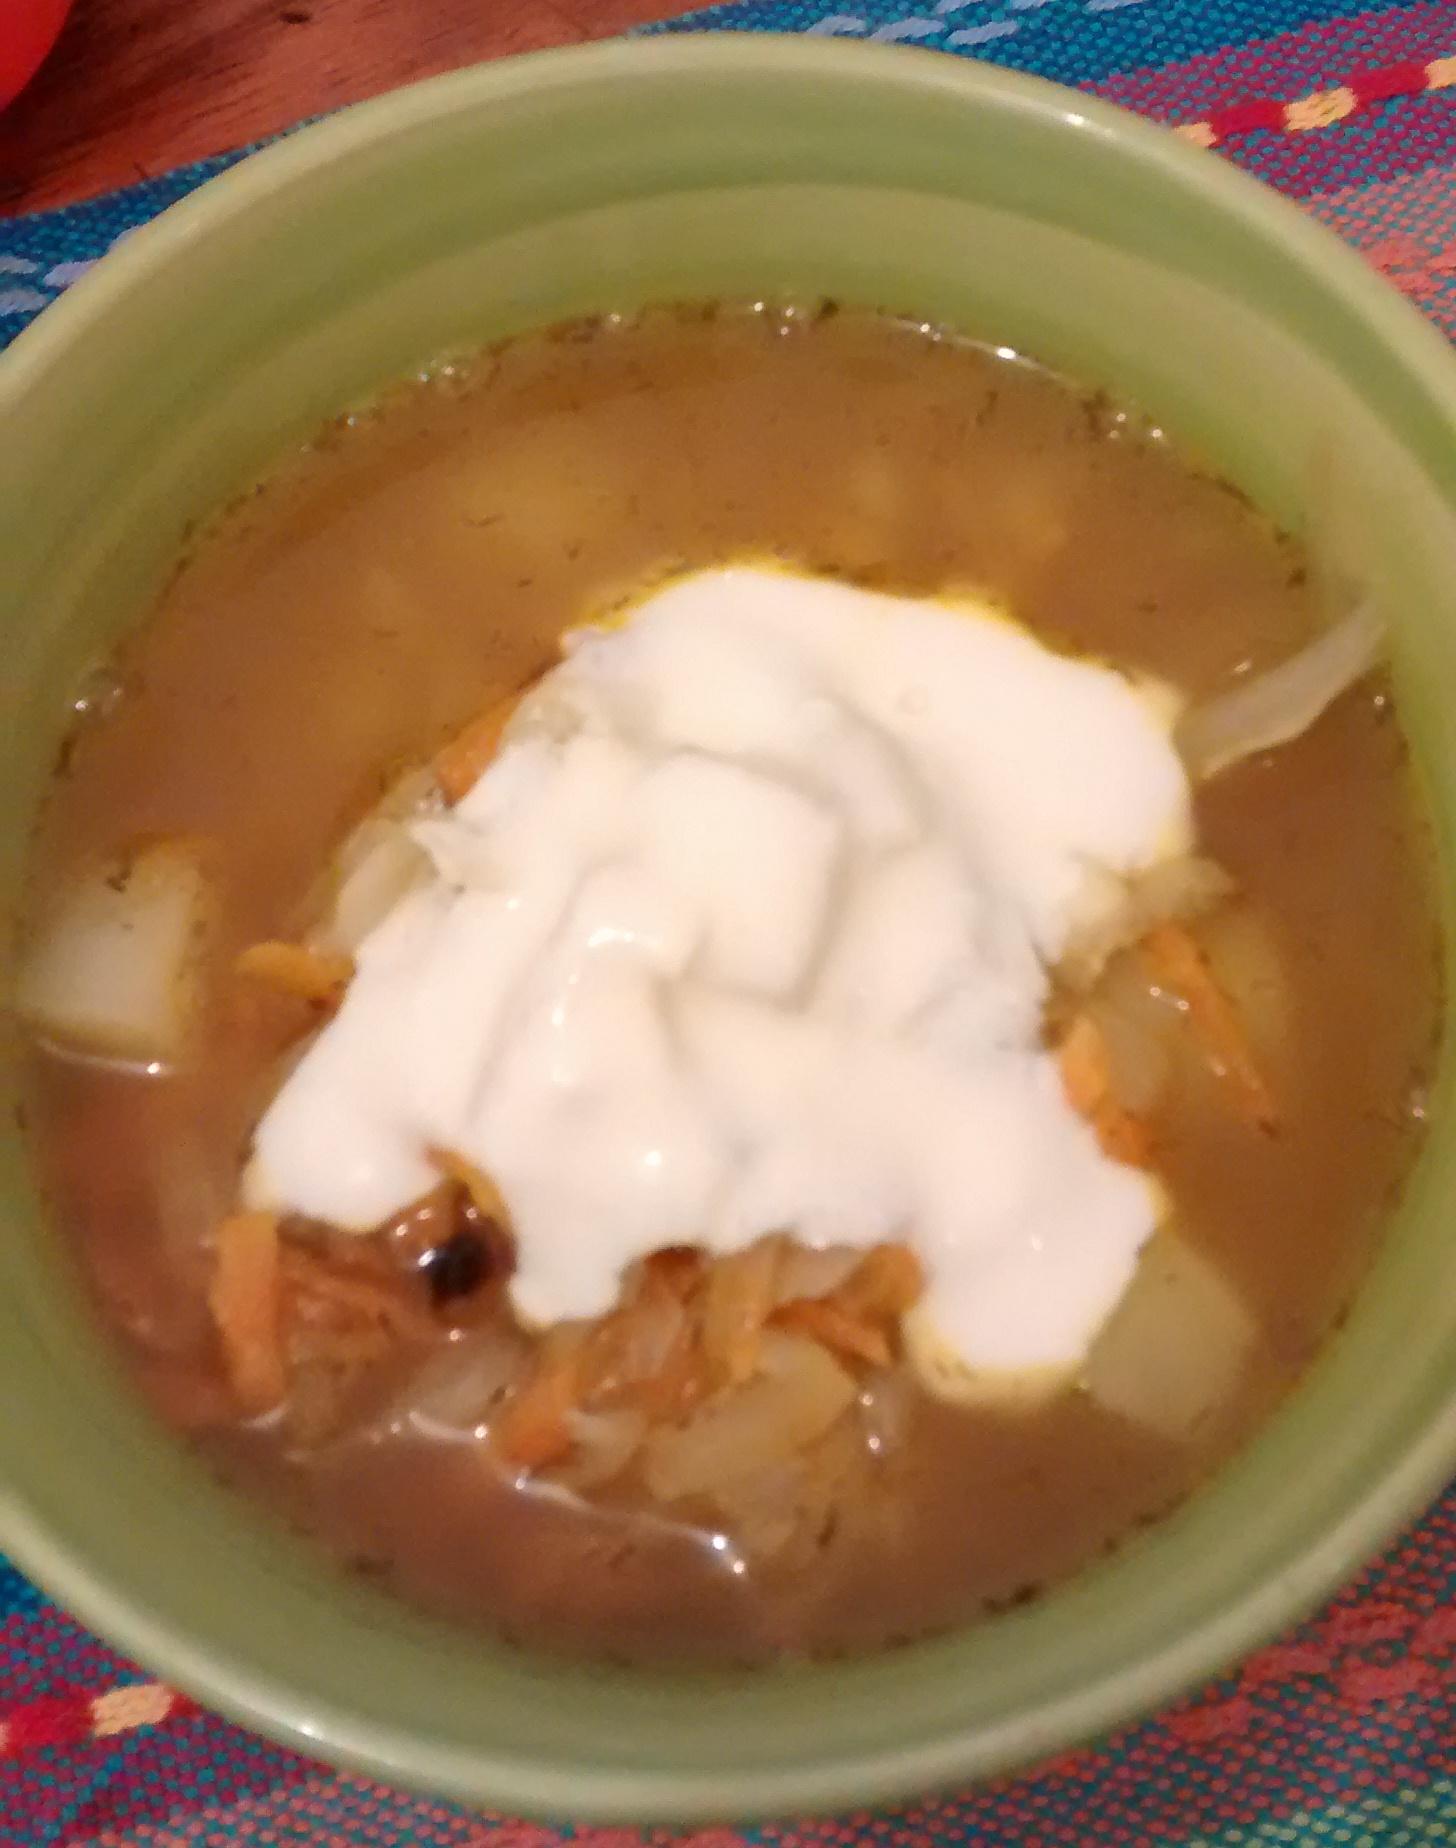 щи (xi) – sopa russa de legumes